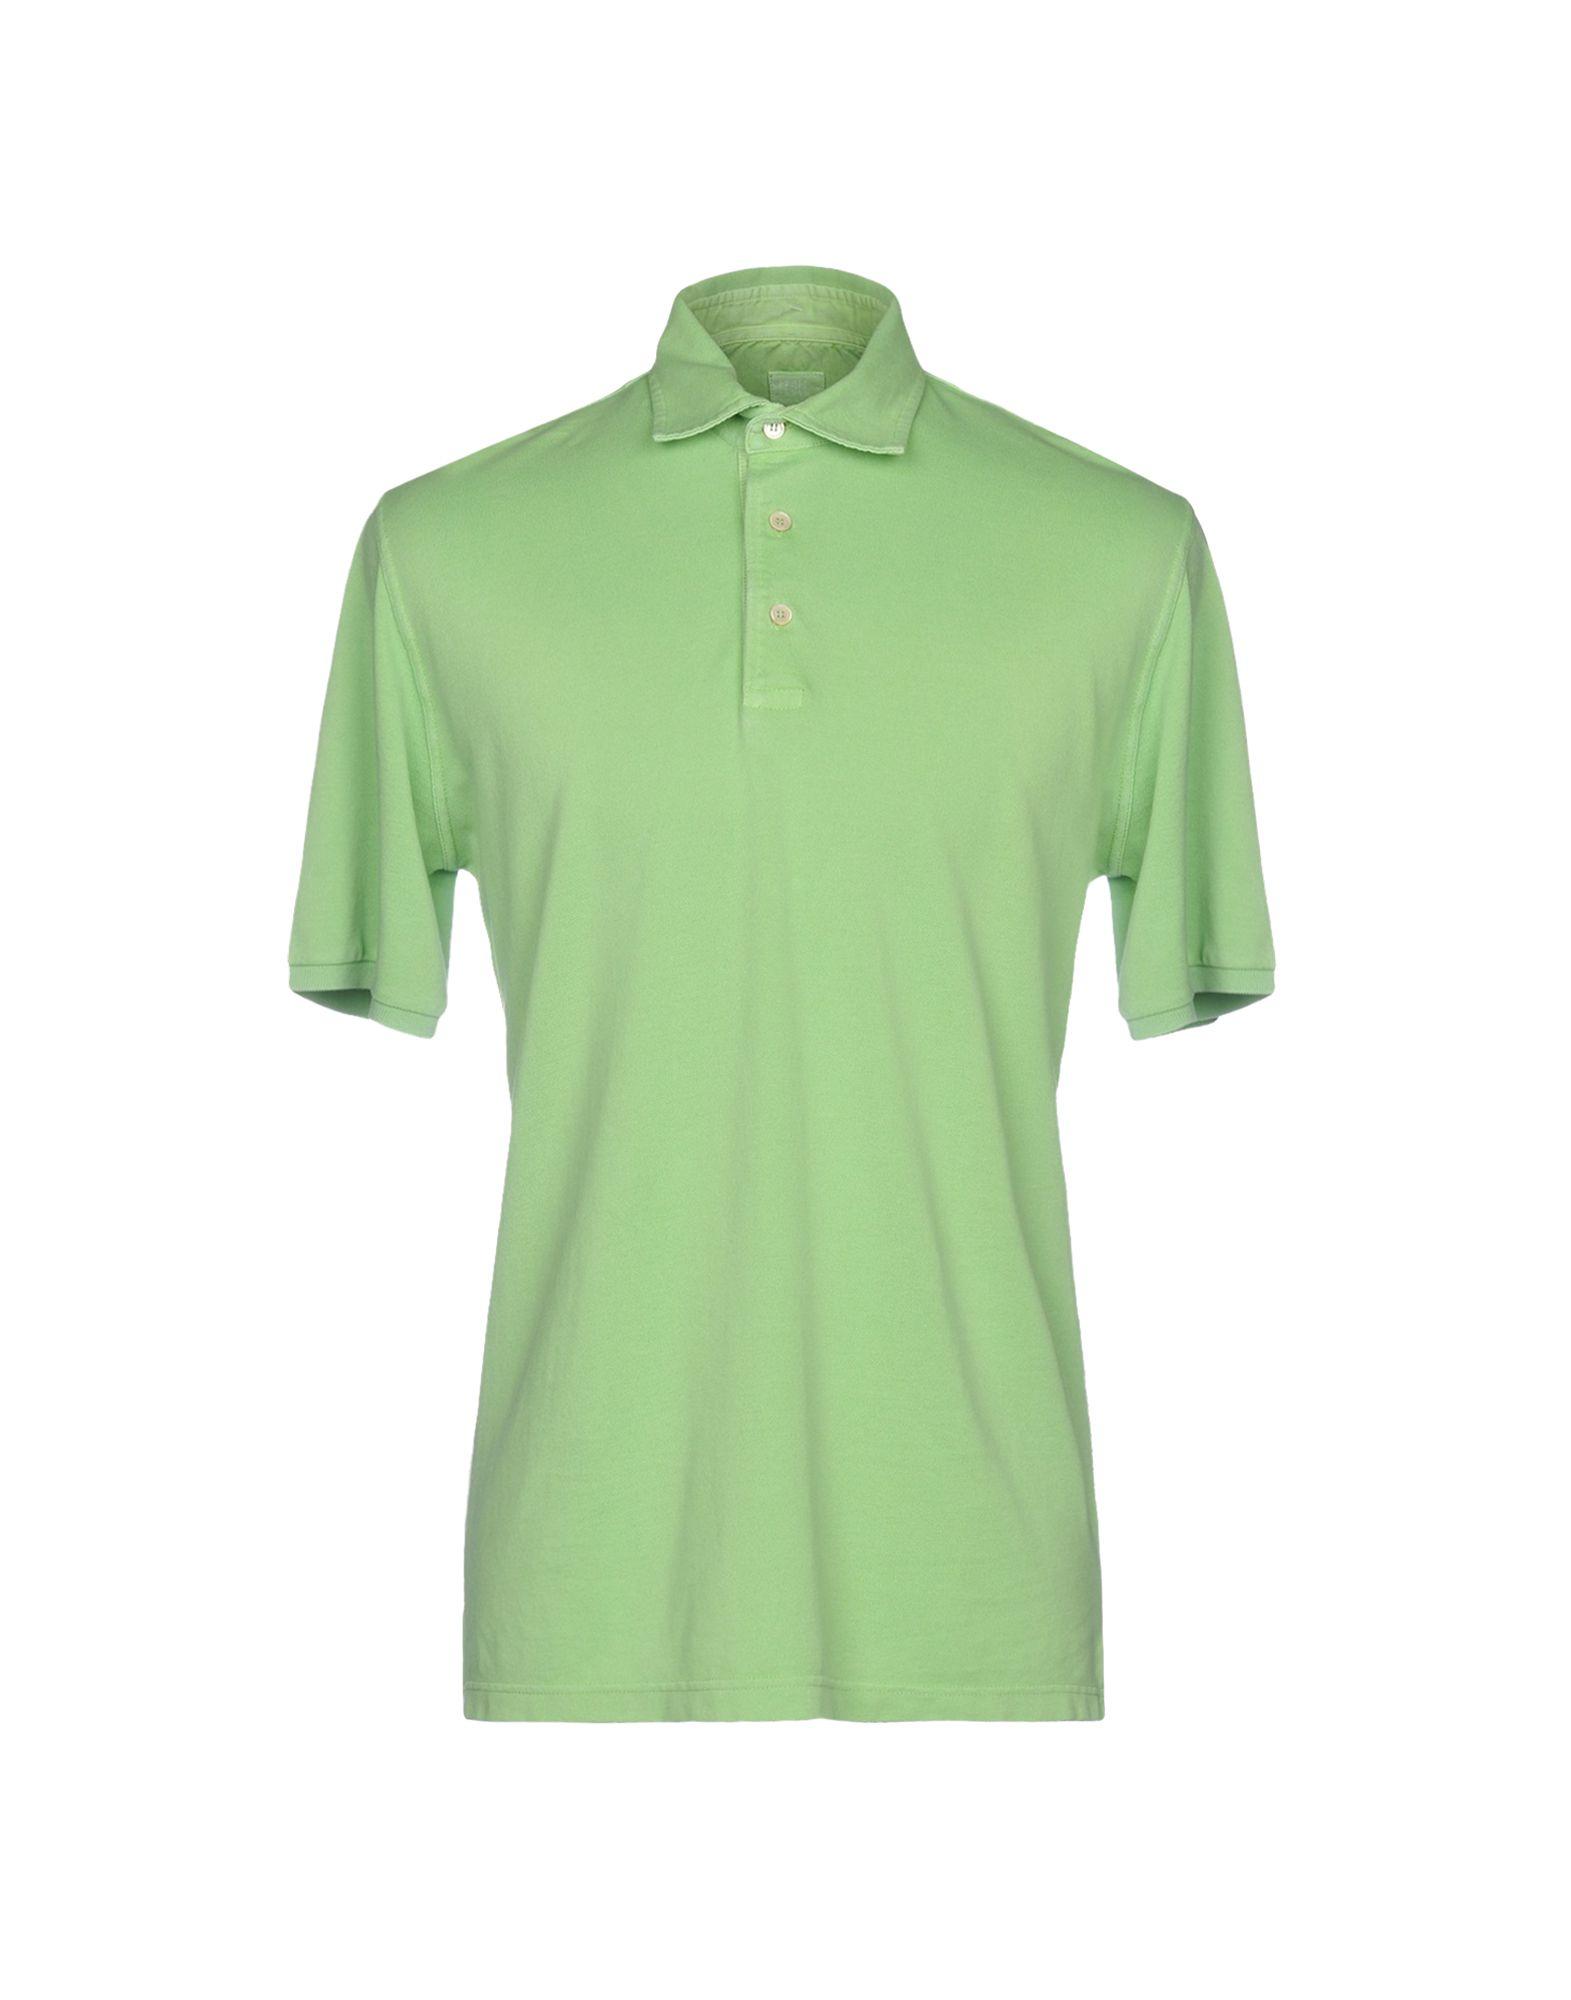 《送料無料》FEDELI メンズ ポロシャツ ライトグリーン 52 コットン 100%